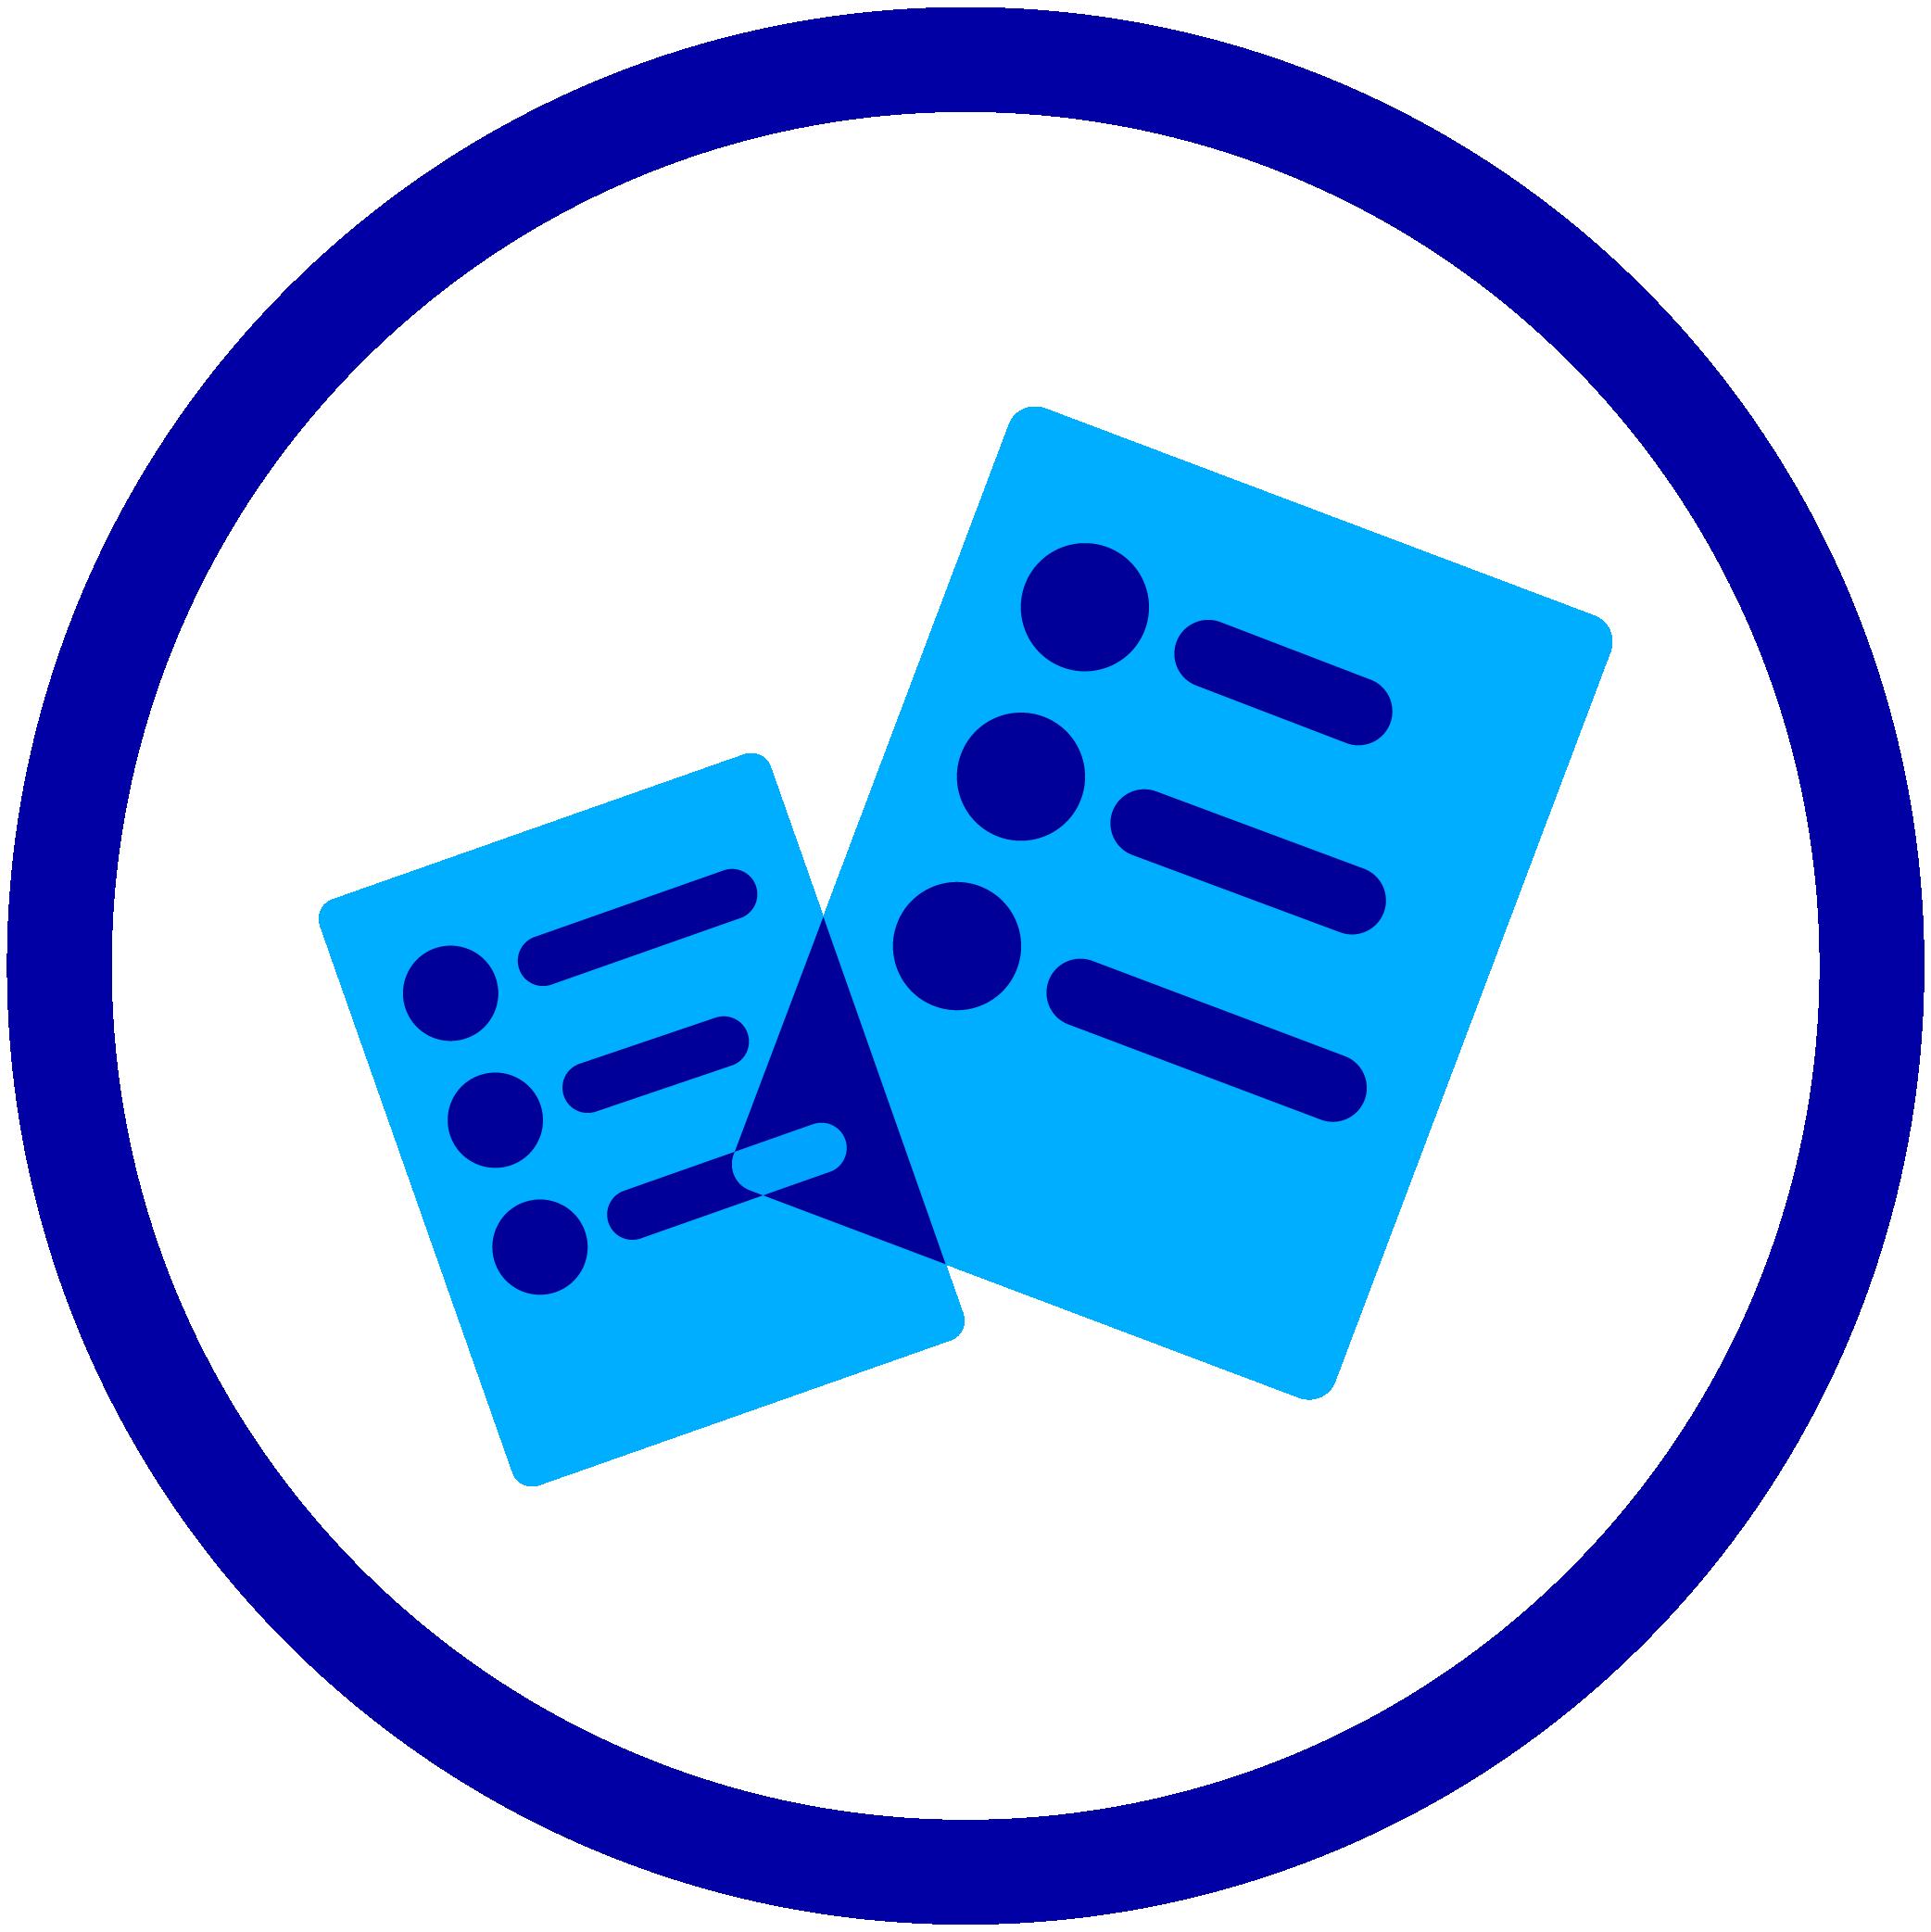 https://es.fi-group.com/wp-content/uploads/sites/4/2021/09/blue-icons-set_1-07.png